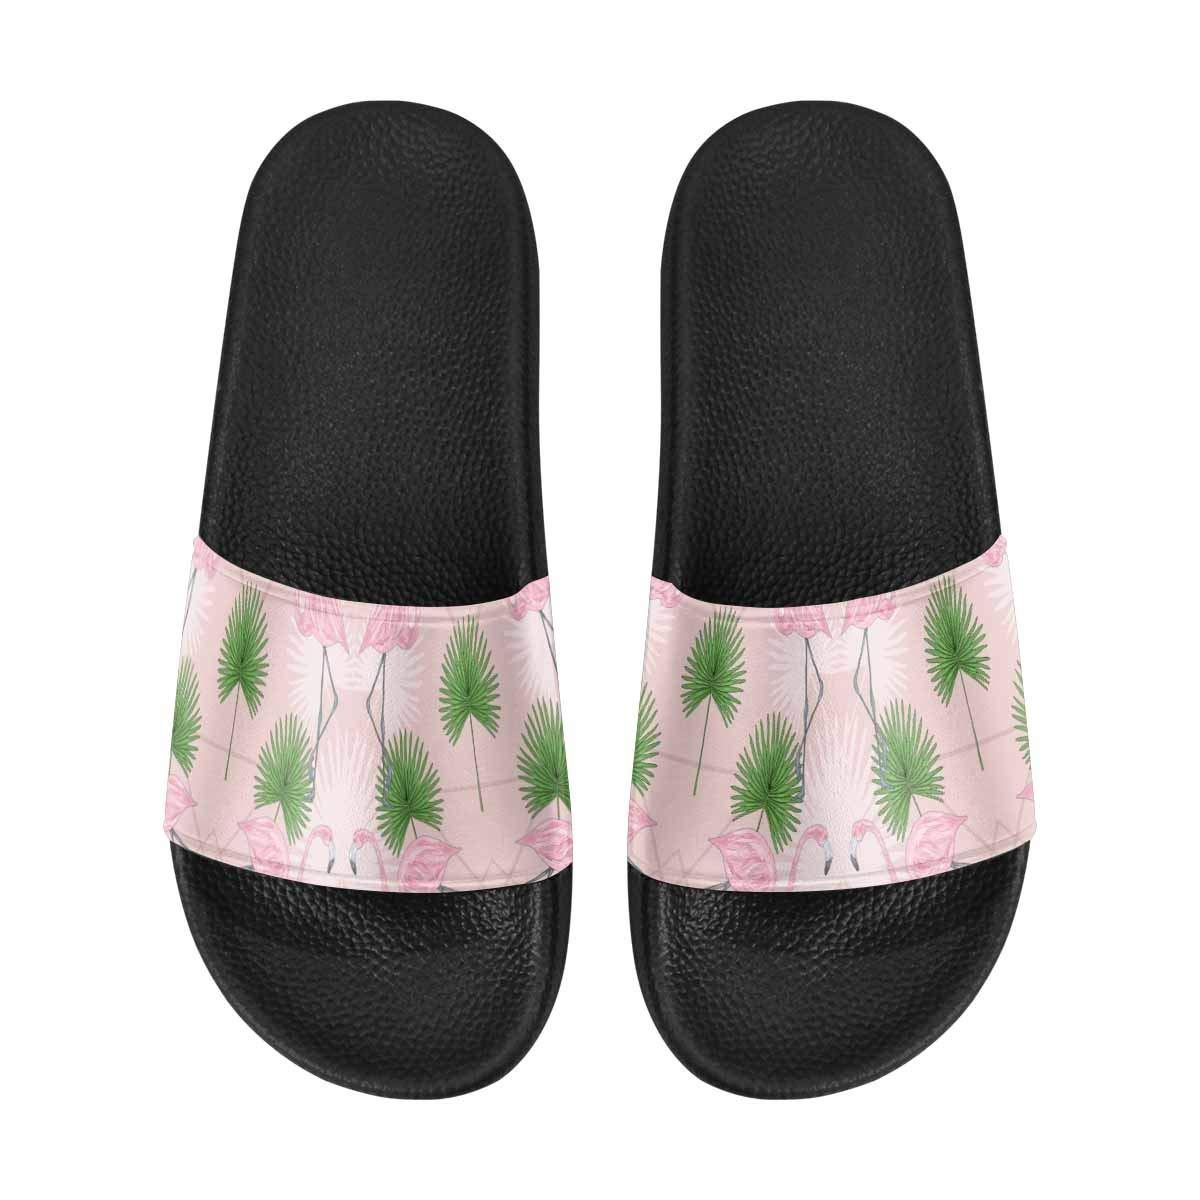 INTERESTPRINT Womens Summer Beach Flat Sandals US6-US12